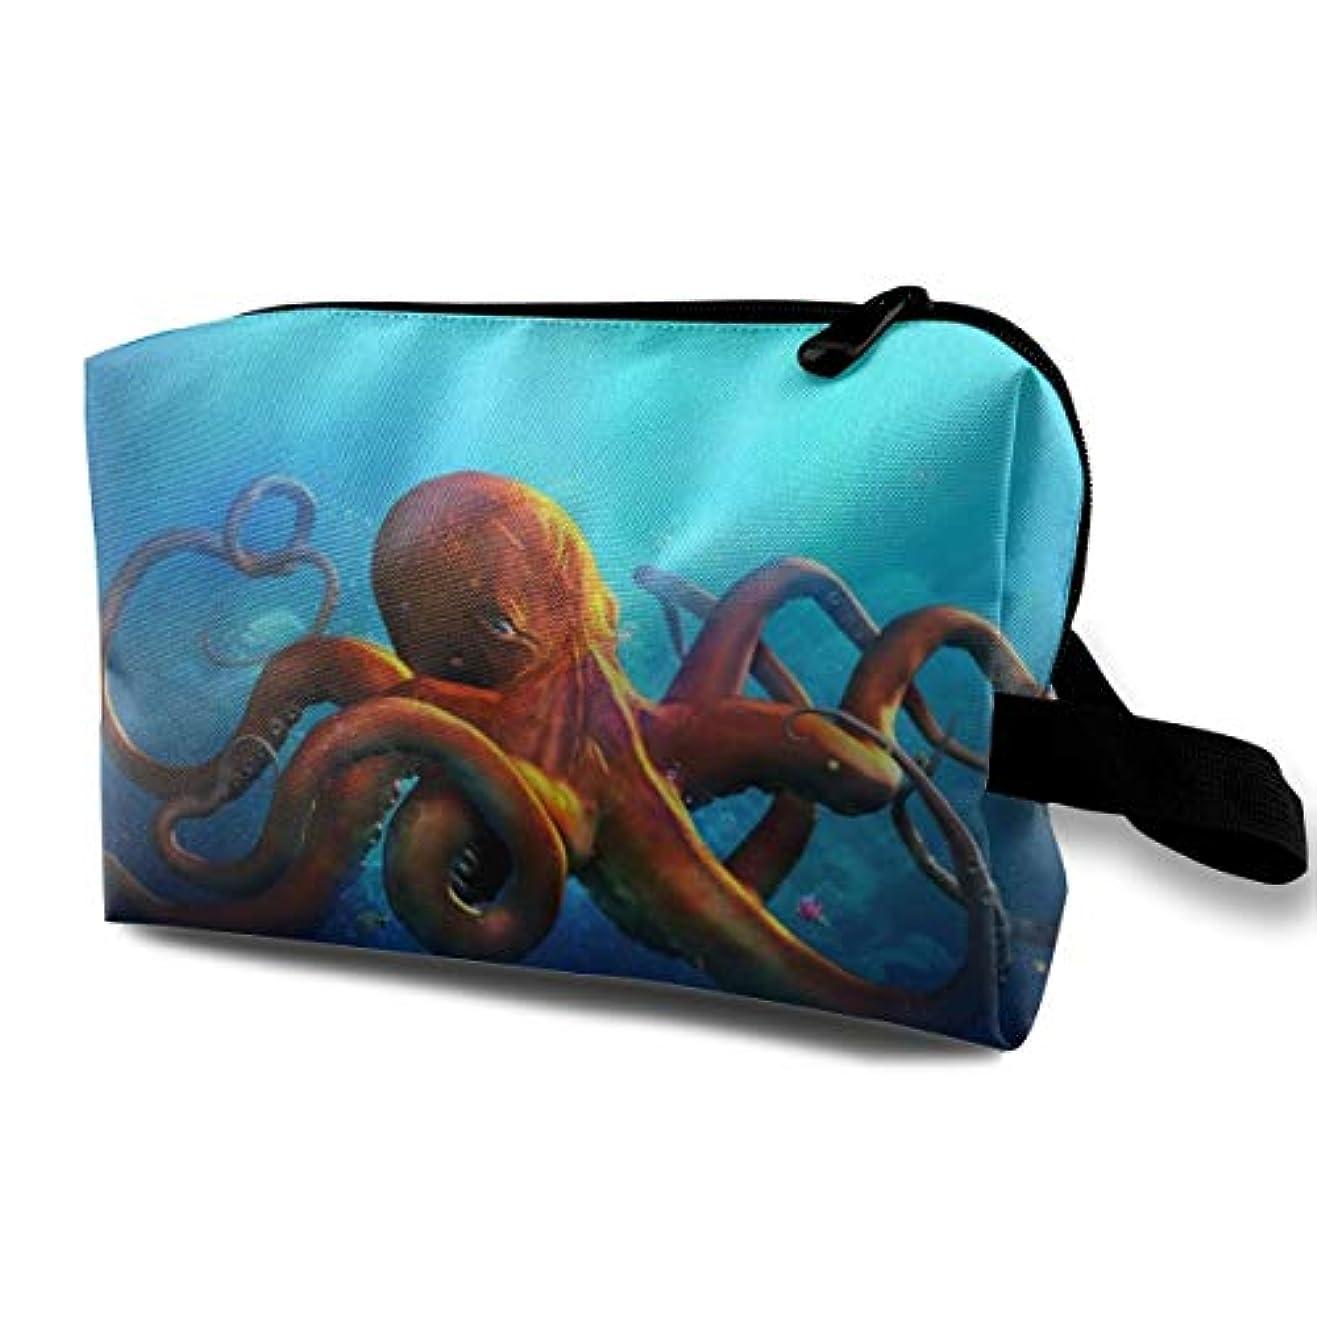 言語学想起かび臭いFunny Octopus 収納ポーチ 化粧ポーチ 大容量 軽量 耐久性 ハンドル付持ち運び便利。入れ 自宅?出張?旅行?アウトドア撮影などに対応。メンズ レディース トラベルグッズ